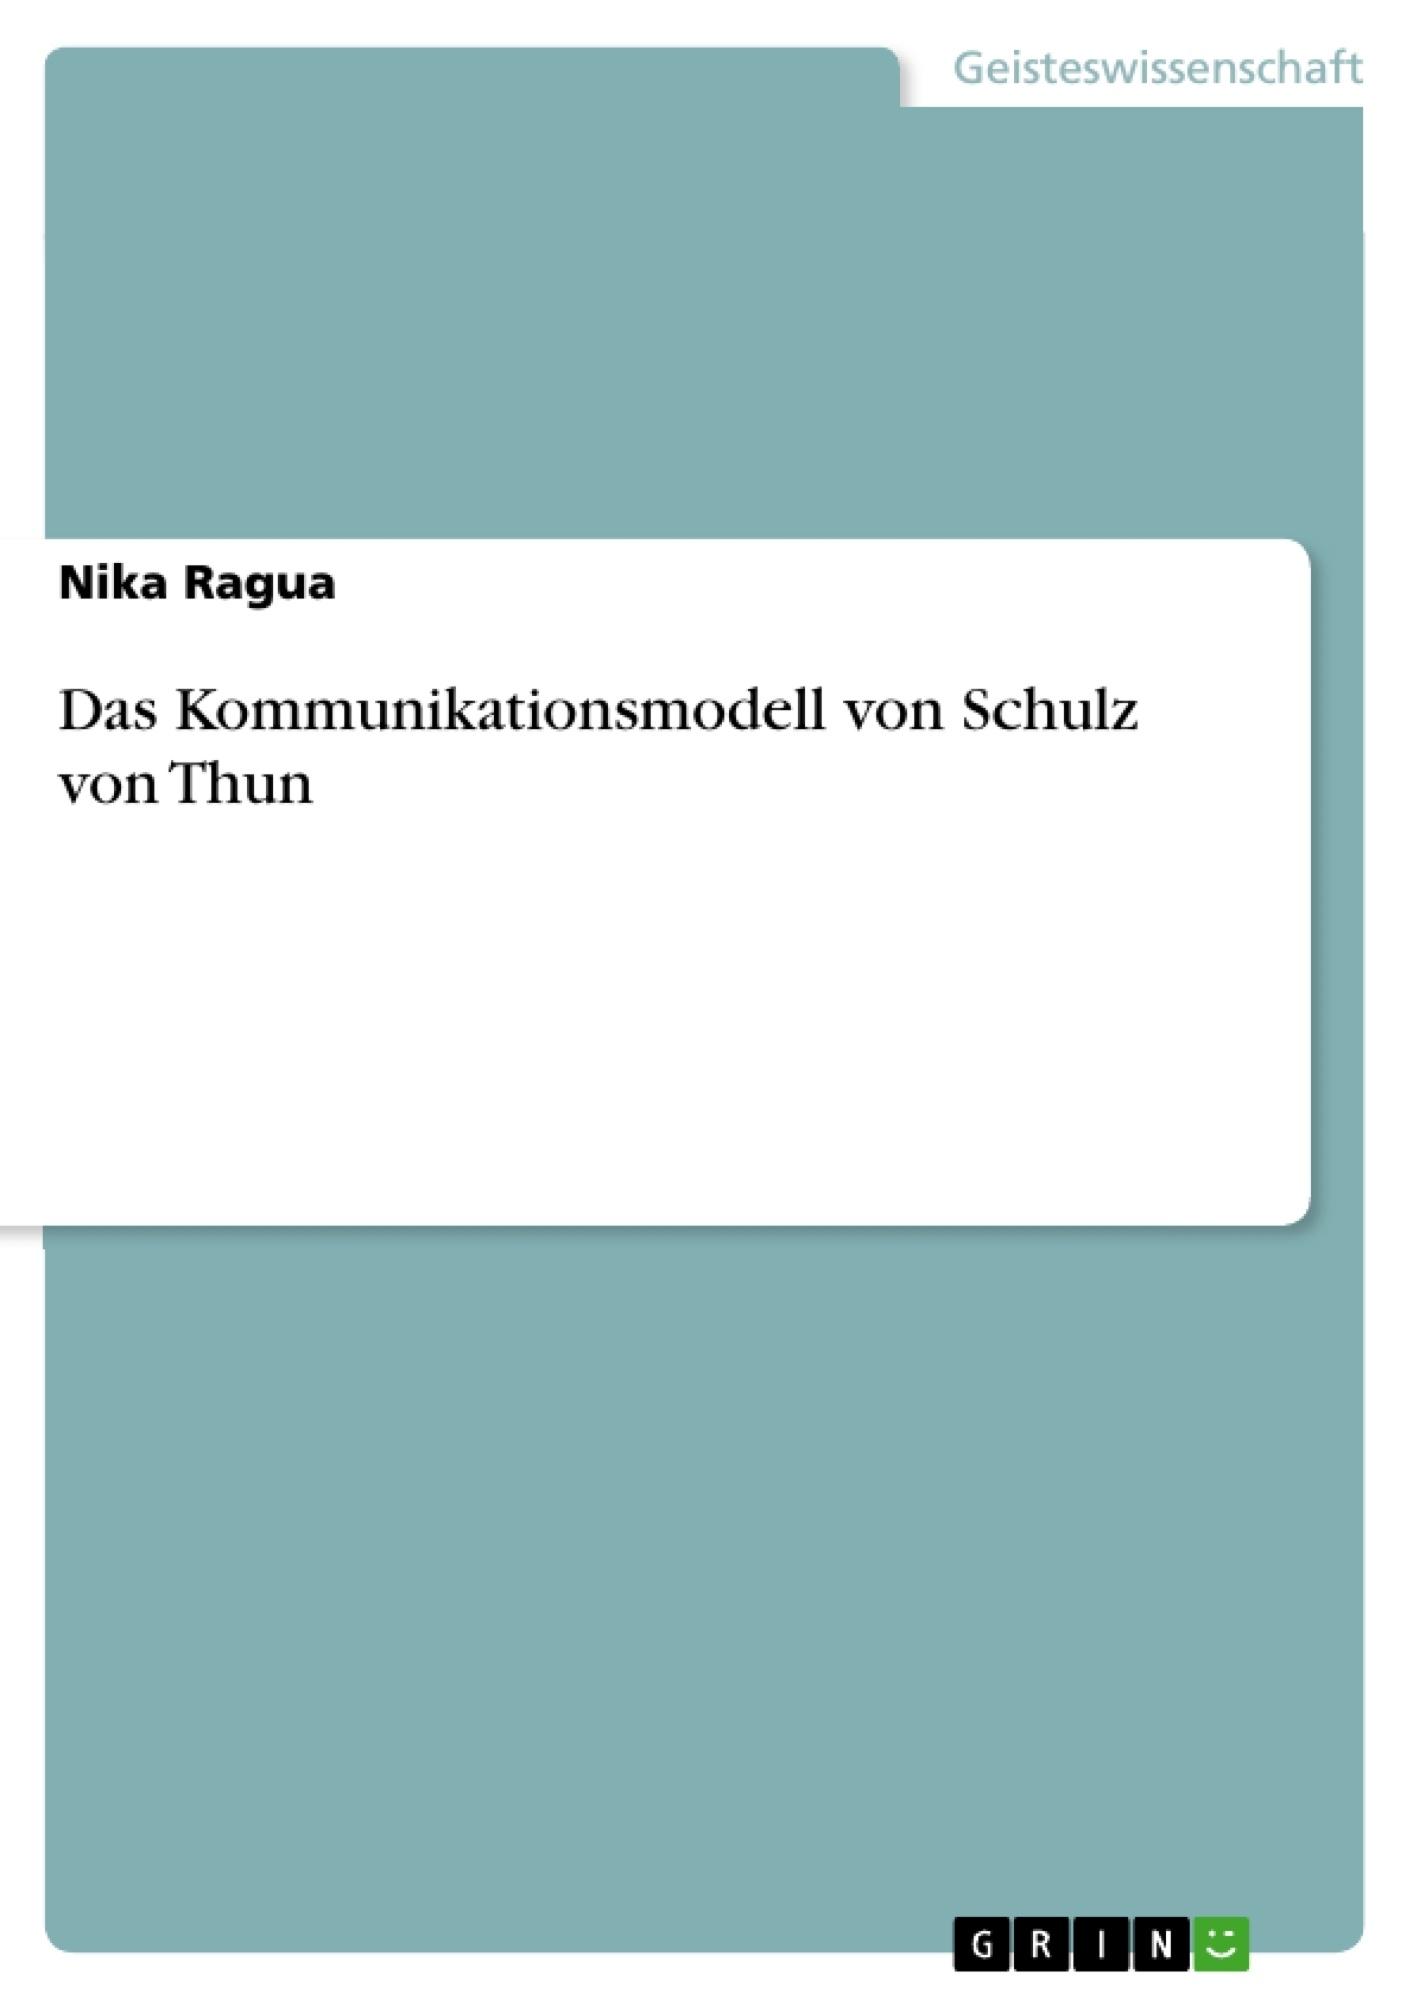 Titel: Das Kommunikationsmodell von Schulz von Thun